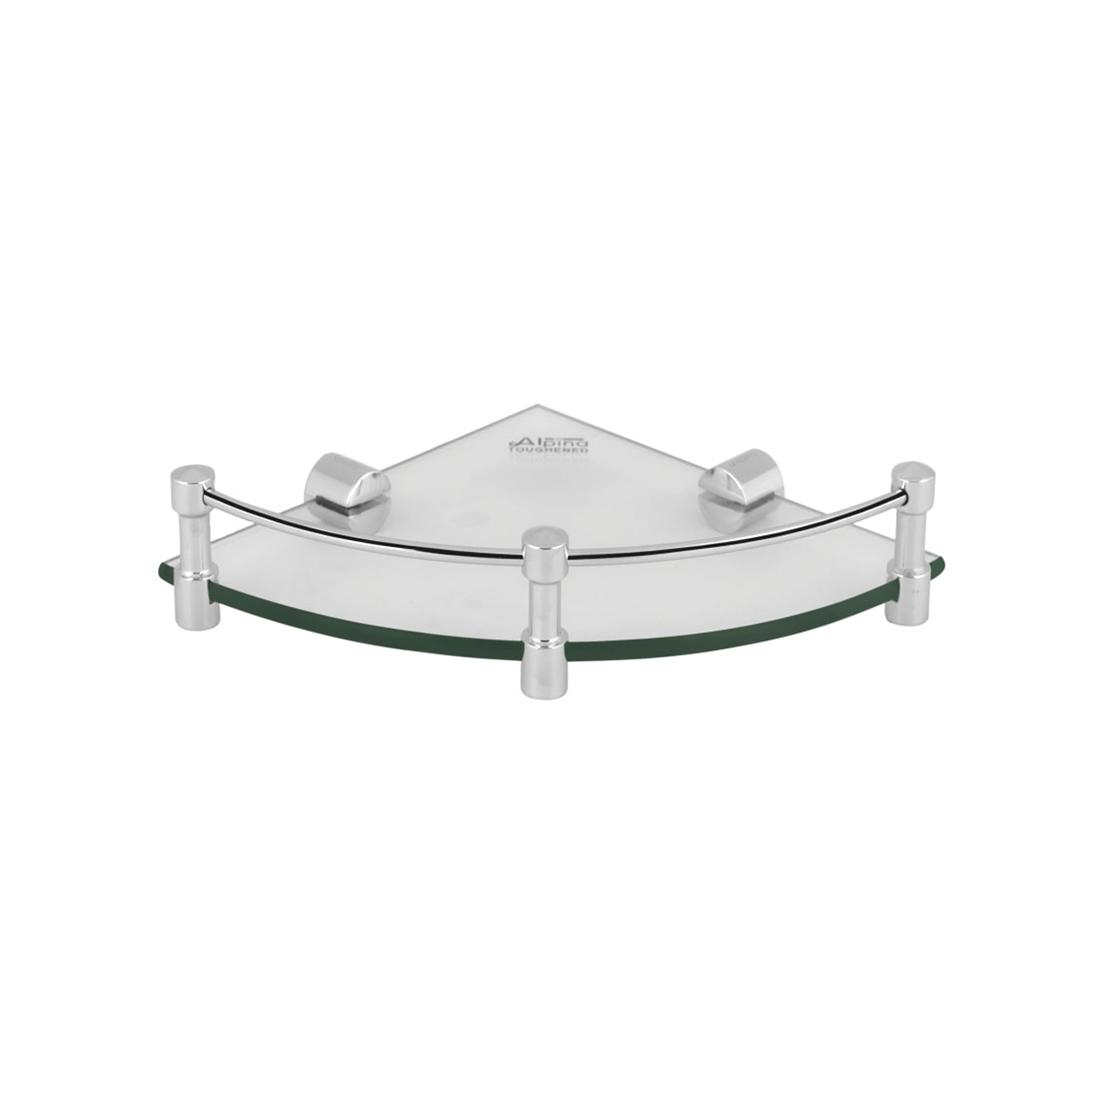 Kerovit KA980012 Oval Range Glass Corner Shelf